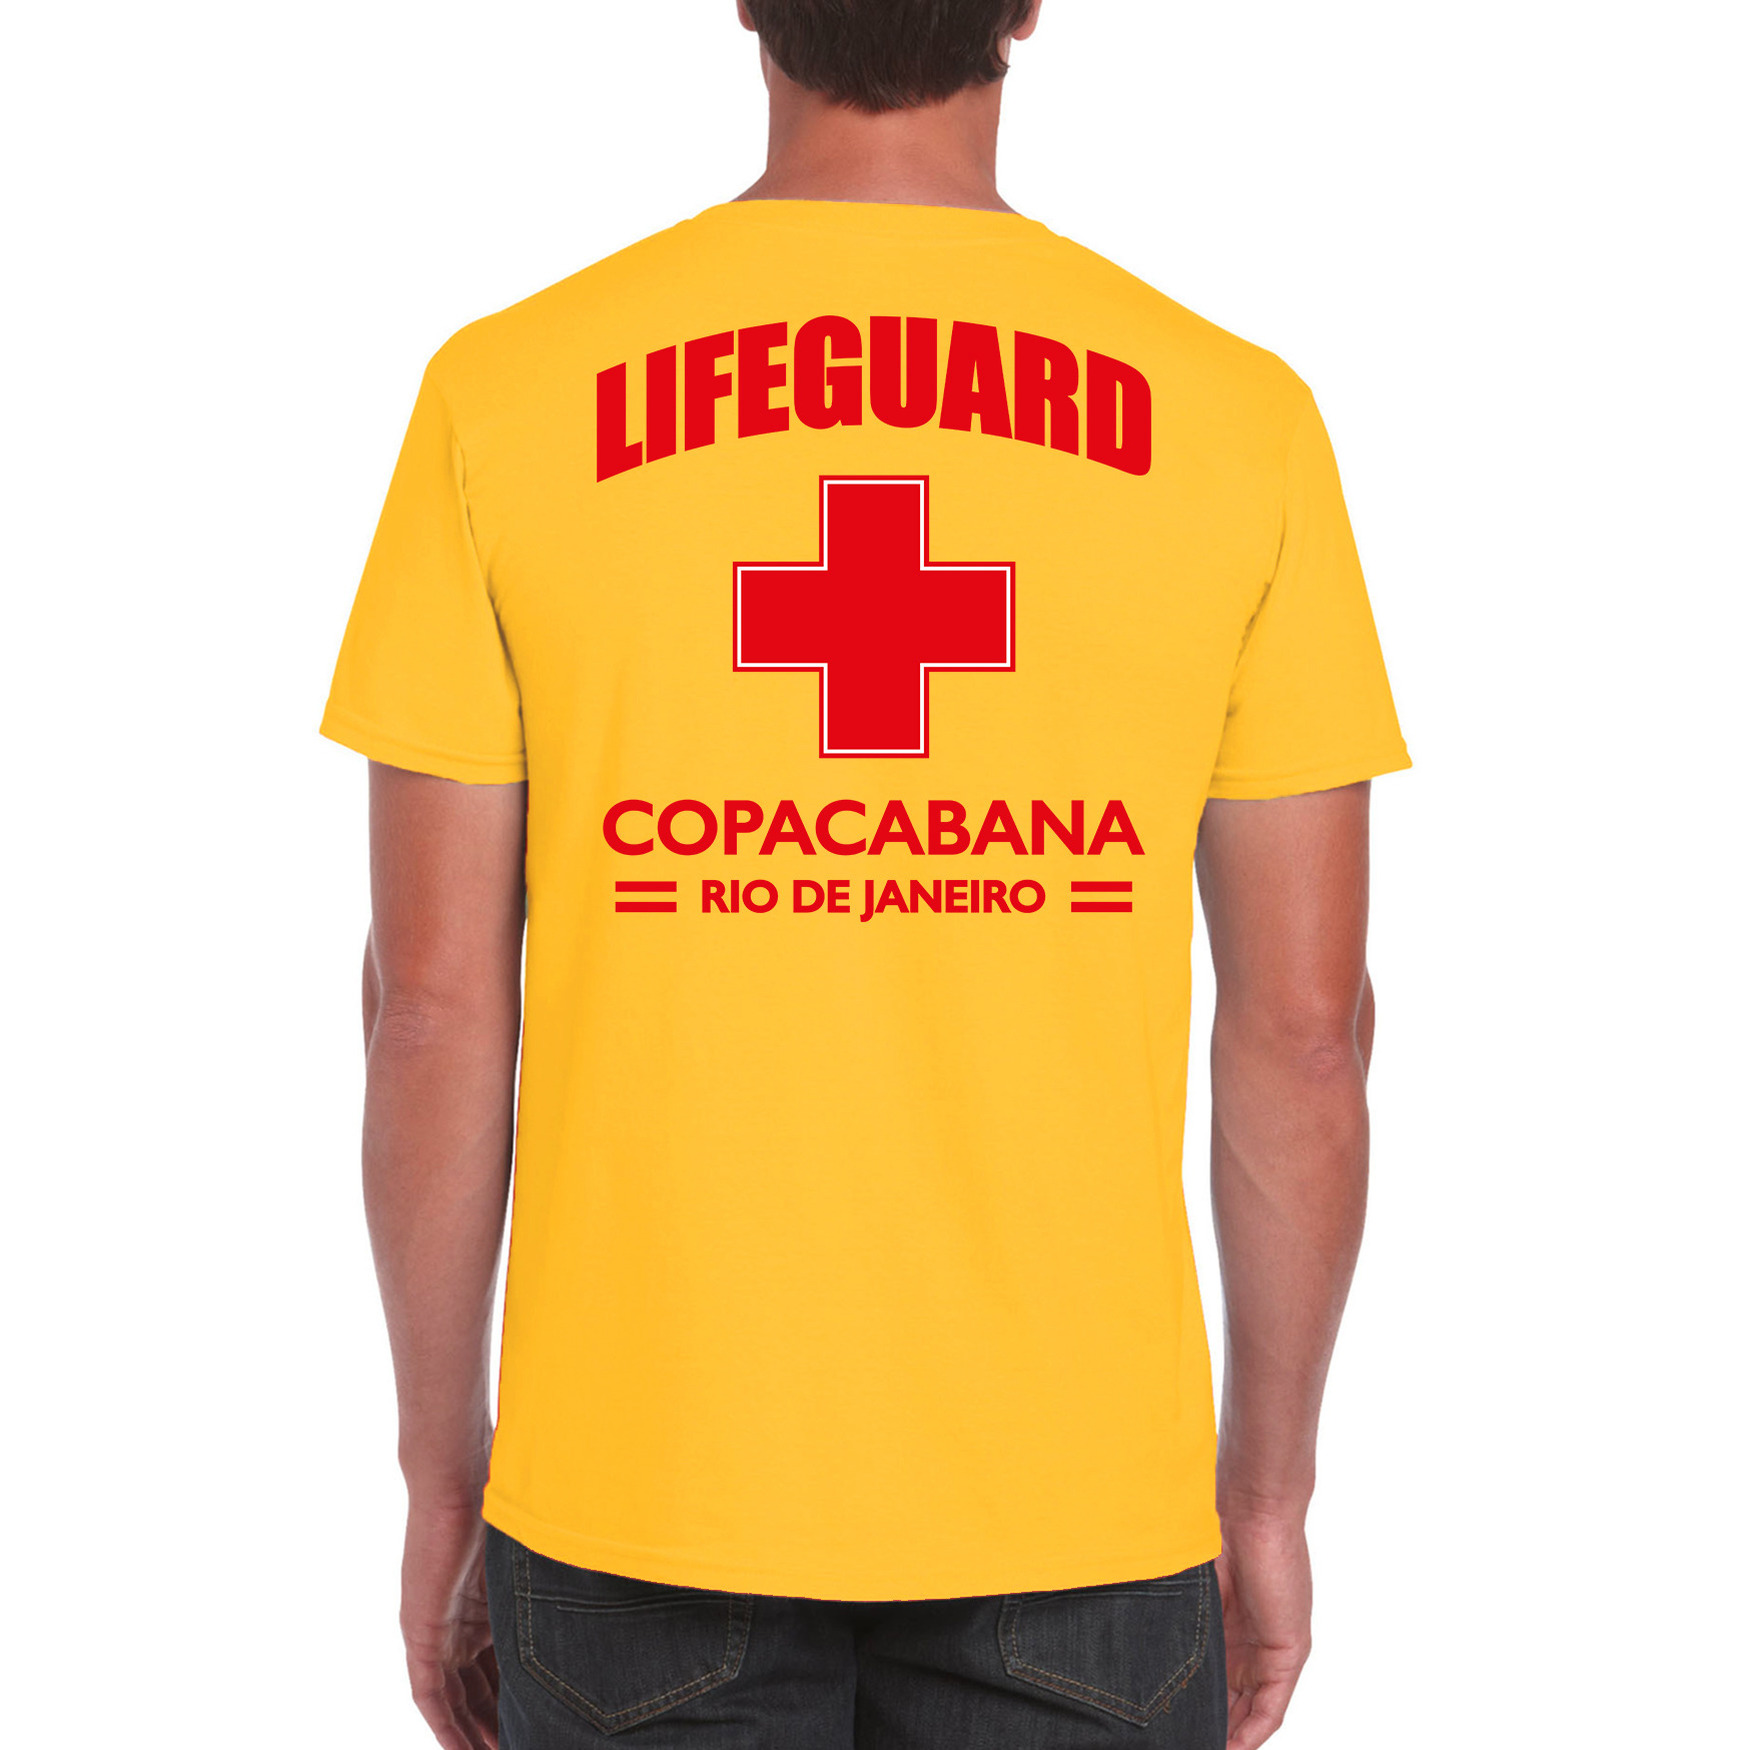 Lifeguard- strandwacht verkleed t-shirt-shirt Lifeguard Copacabana Rio De Janeiro geel voor heren